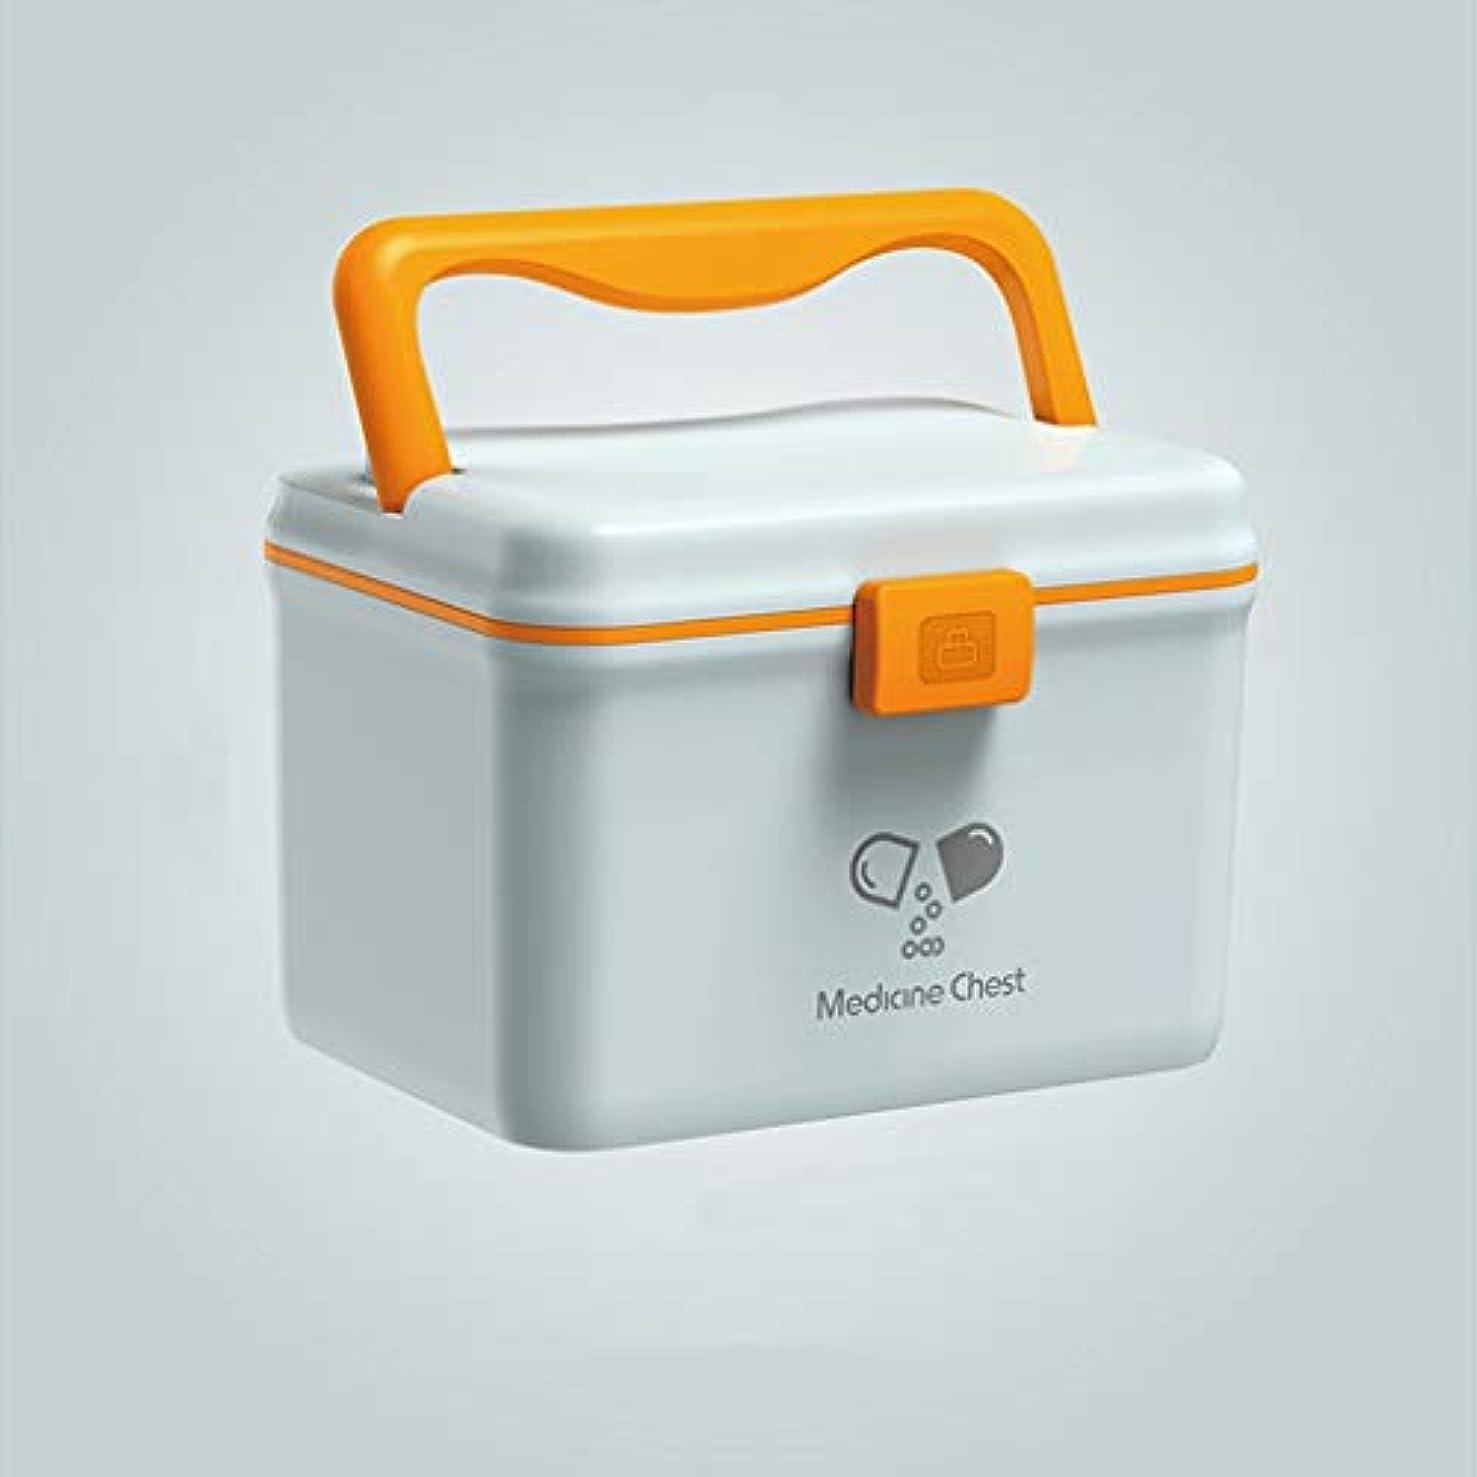 アラバマ意外勢い薬箱の世帯の携帯用薬箱ロックが付いている二重層の大容量の薬剤の収納箱 SYFO (Color : Blue, Size : L)